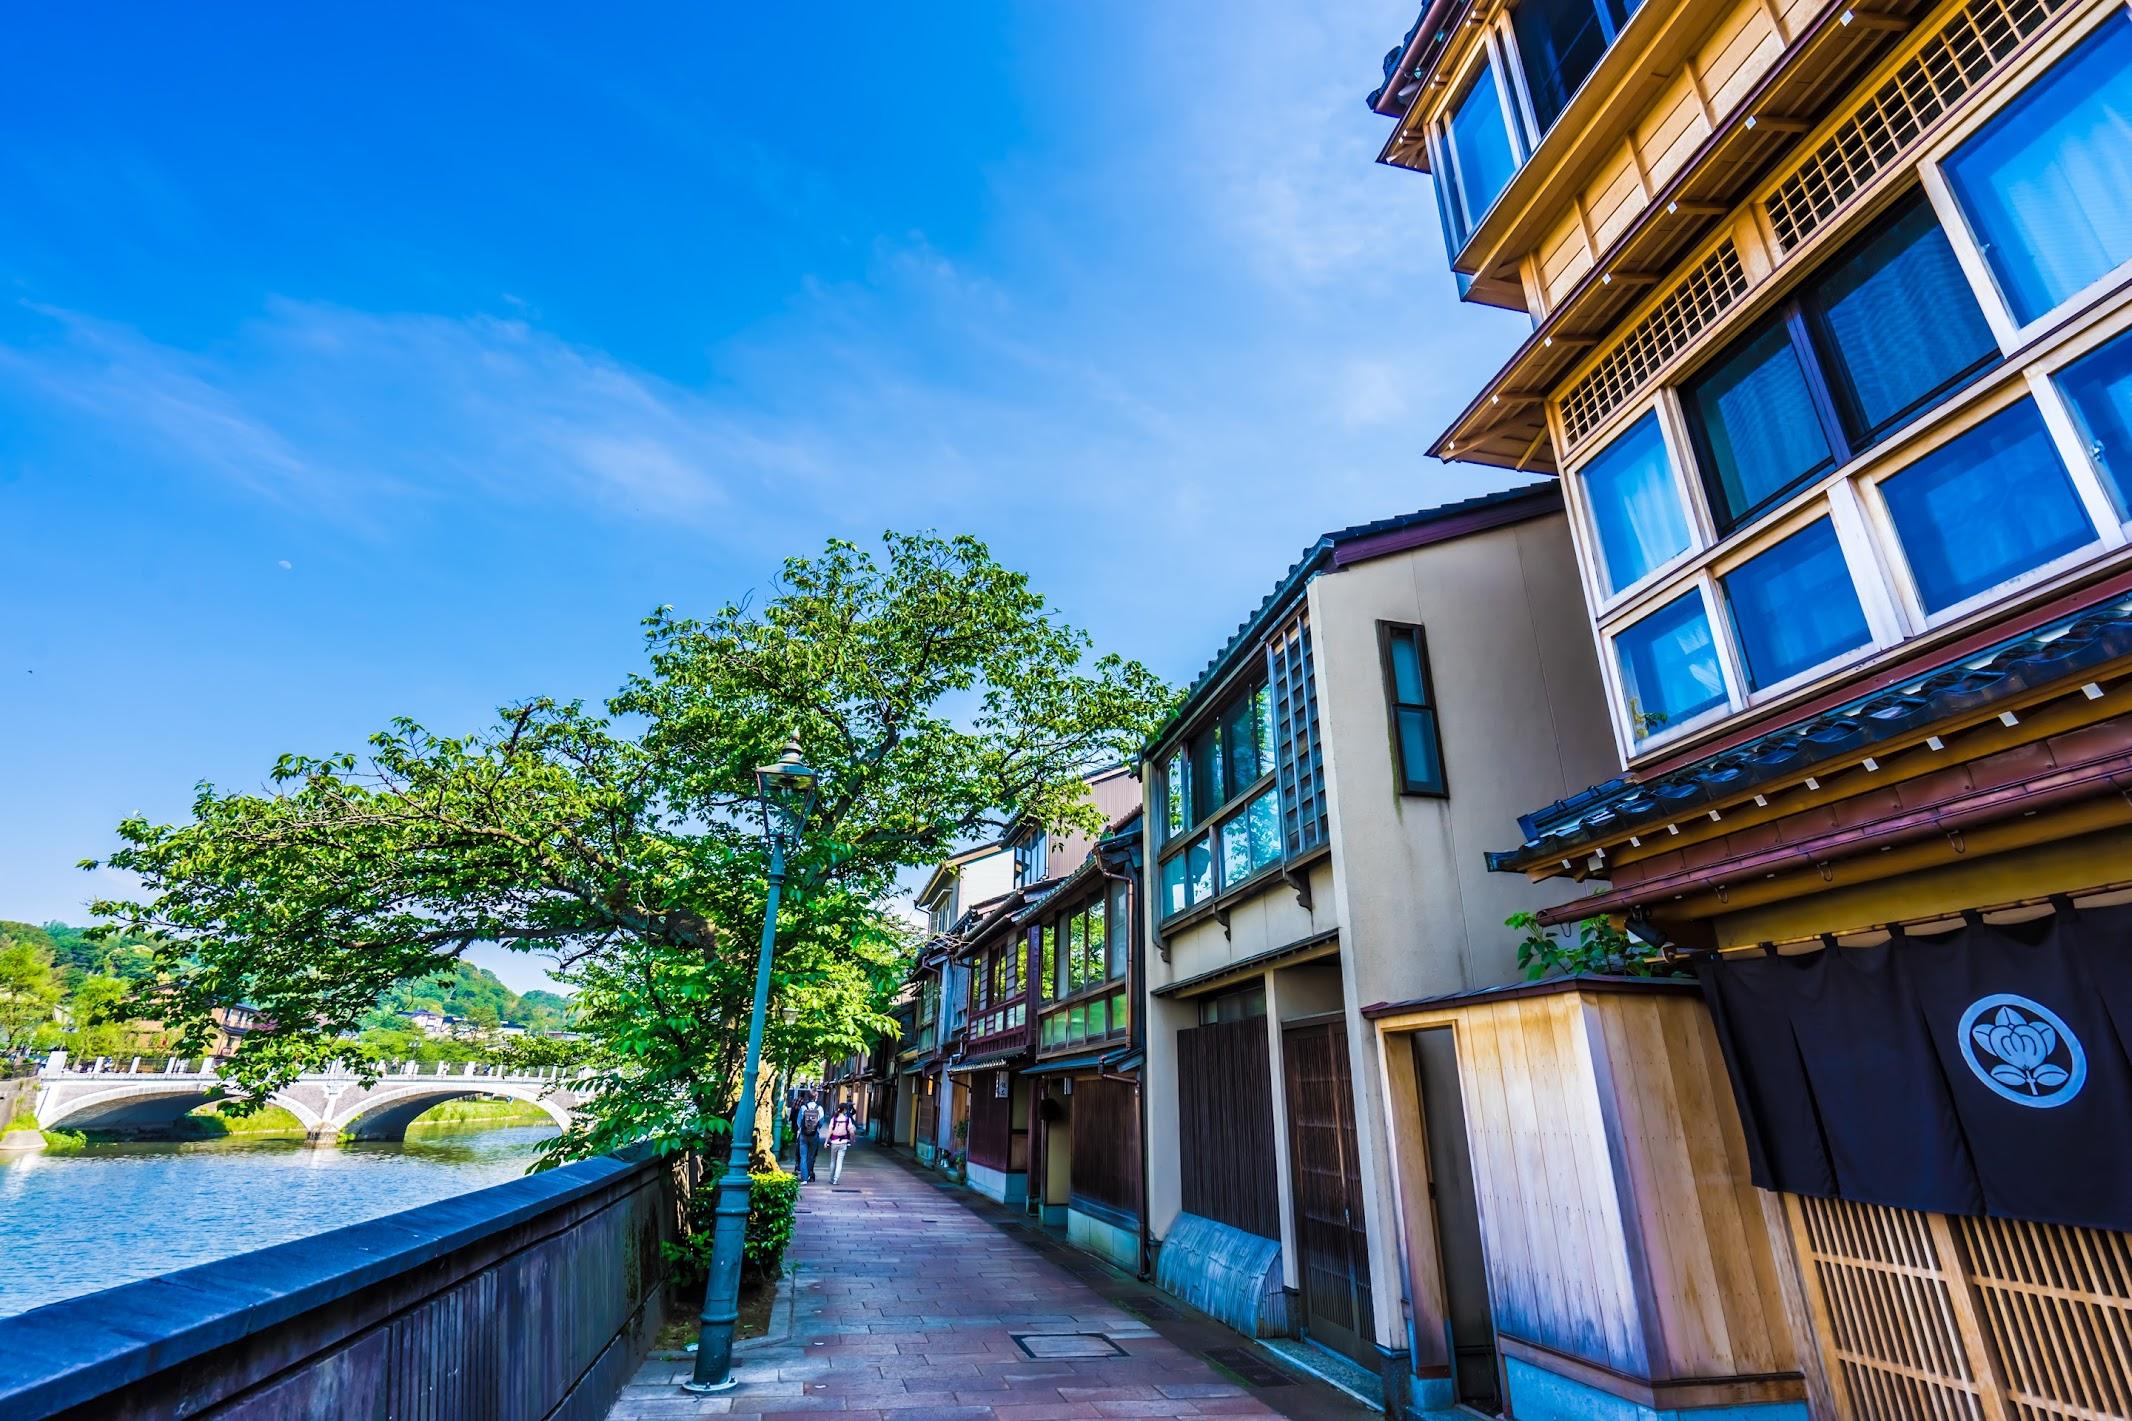 Kanazawa Kazue-machi Chaya District2